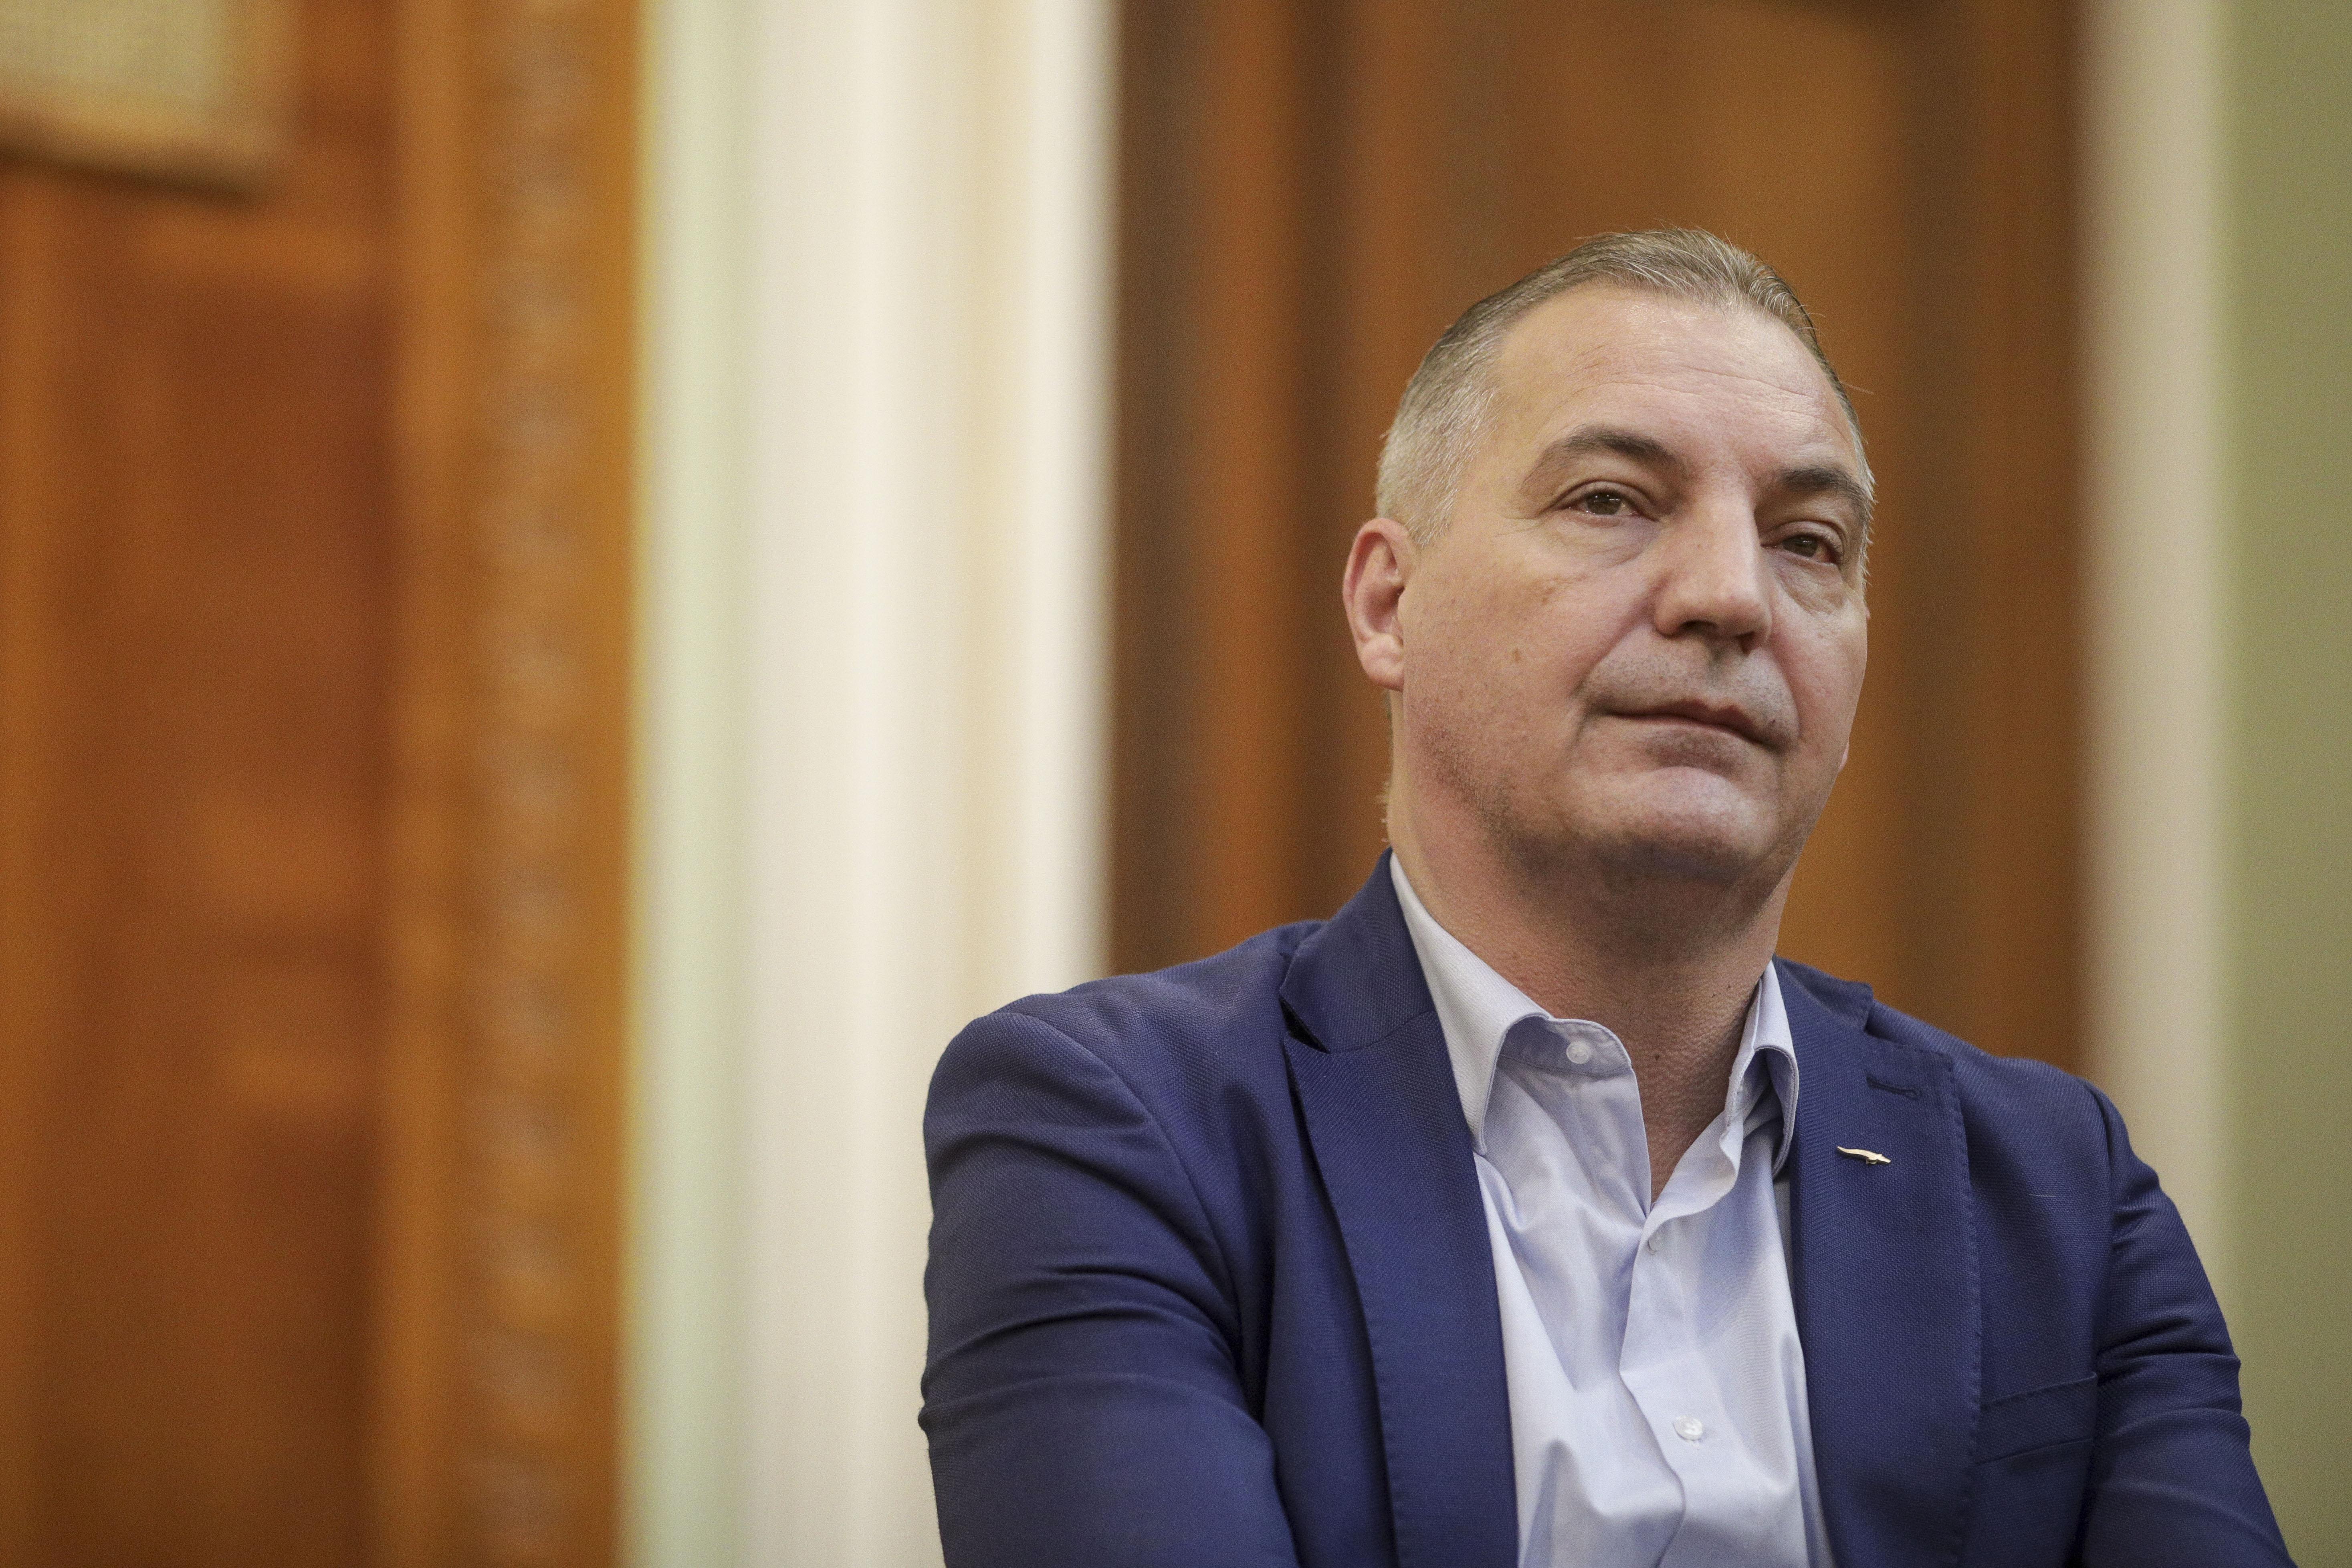 Fostul trezorier al PSD Mircea Drăghici, condamnat în primă instanță la 5 ani închisoare pentru delapidare